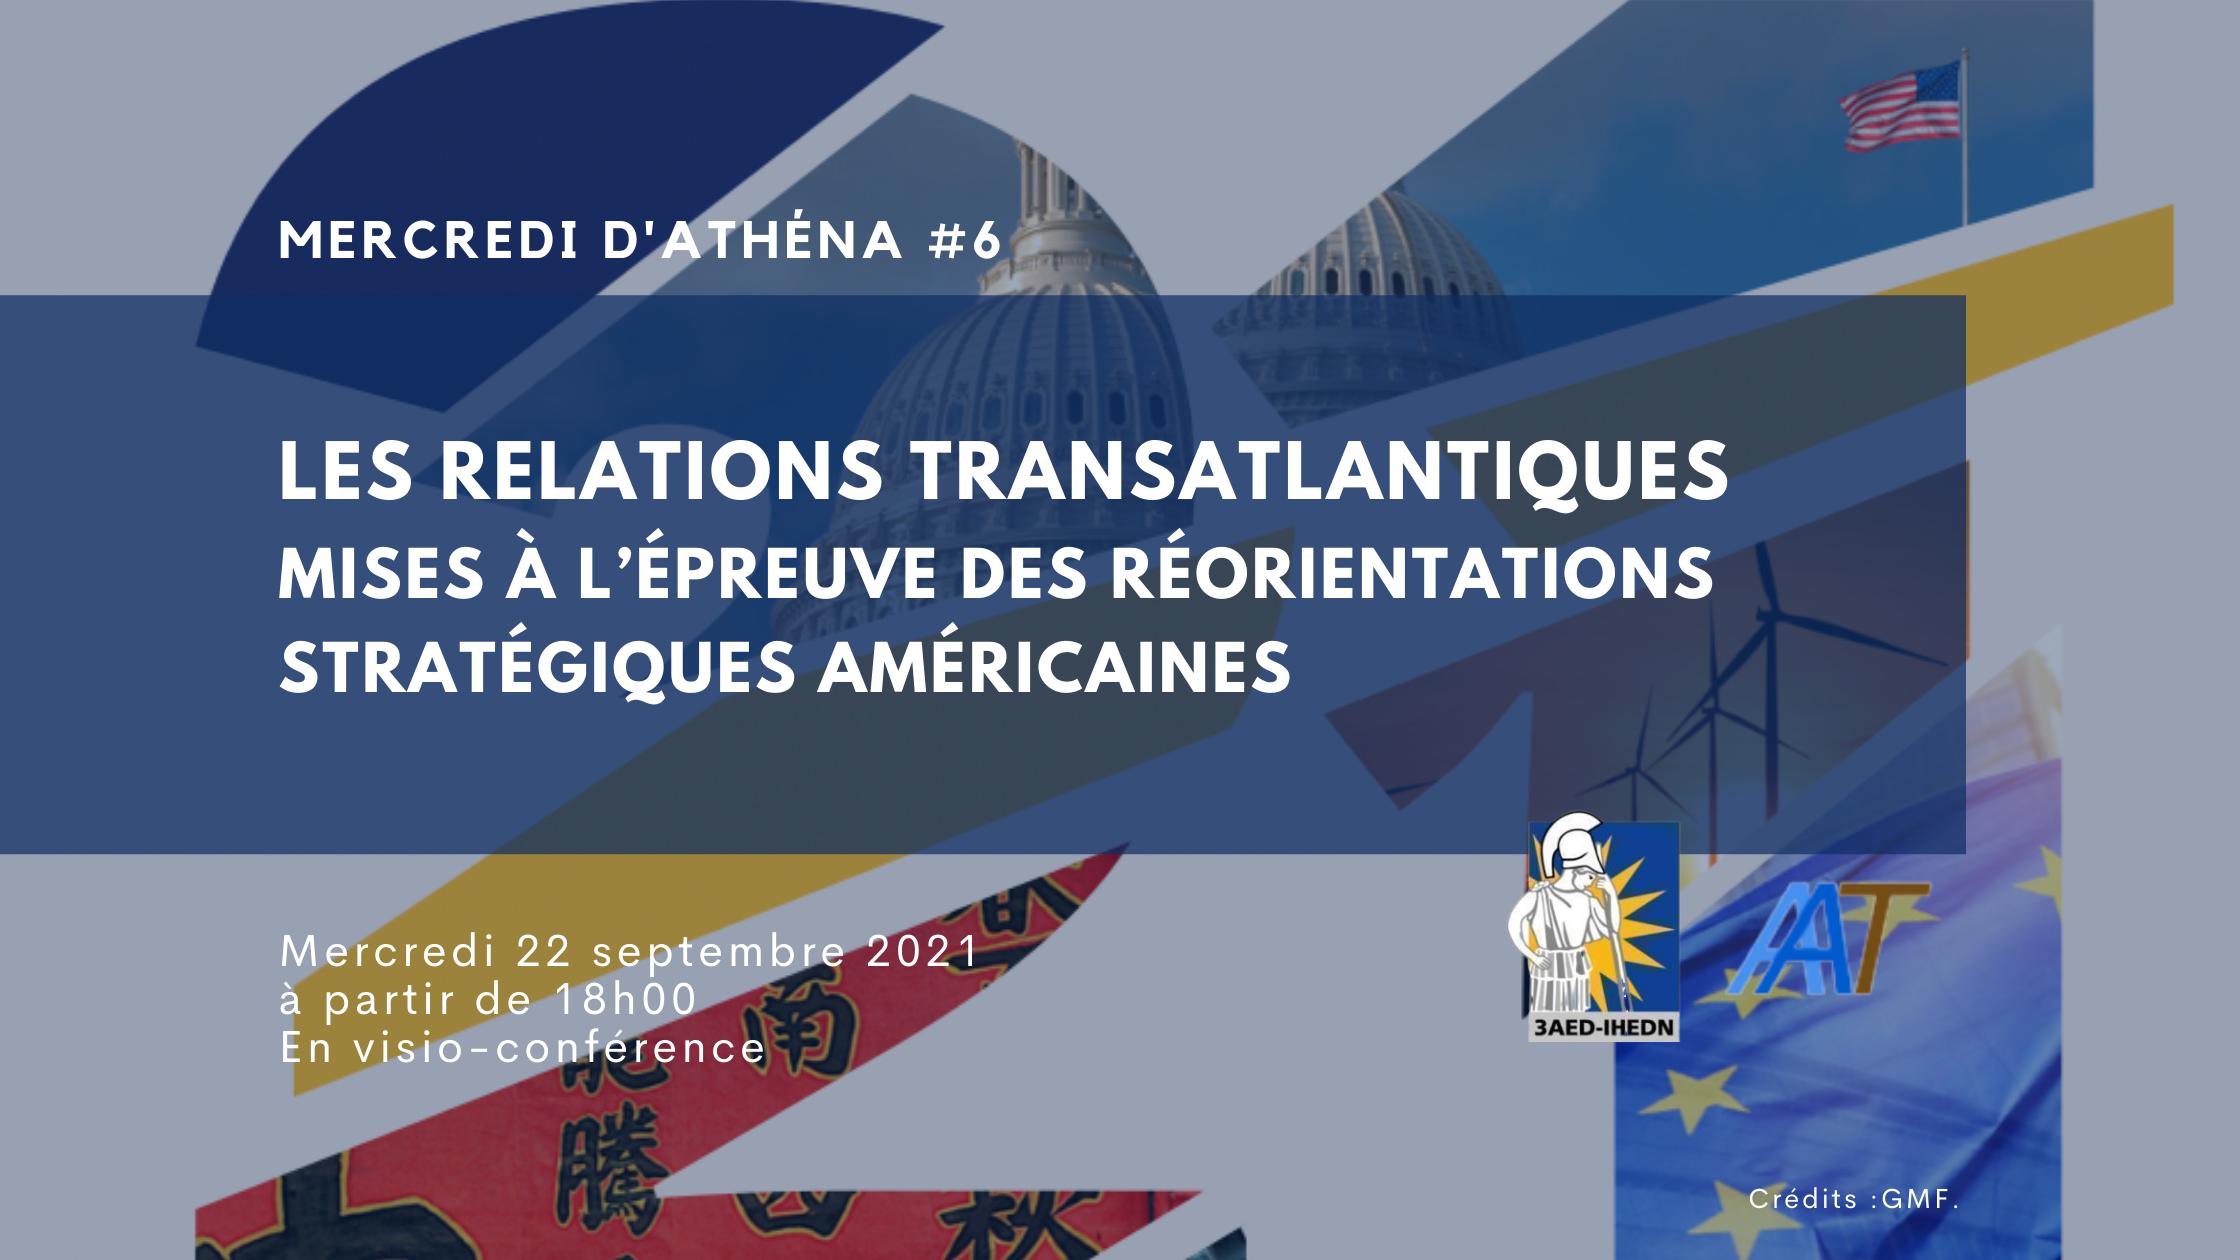 Mercredi d'Athéna #6 |Les relations transatlantiques mises à l'épreuve des réorientations stratégiques américaines